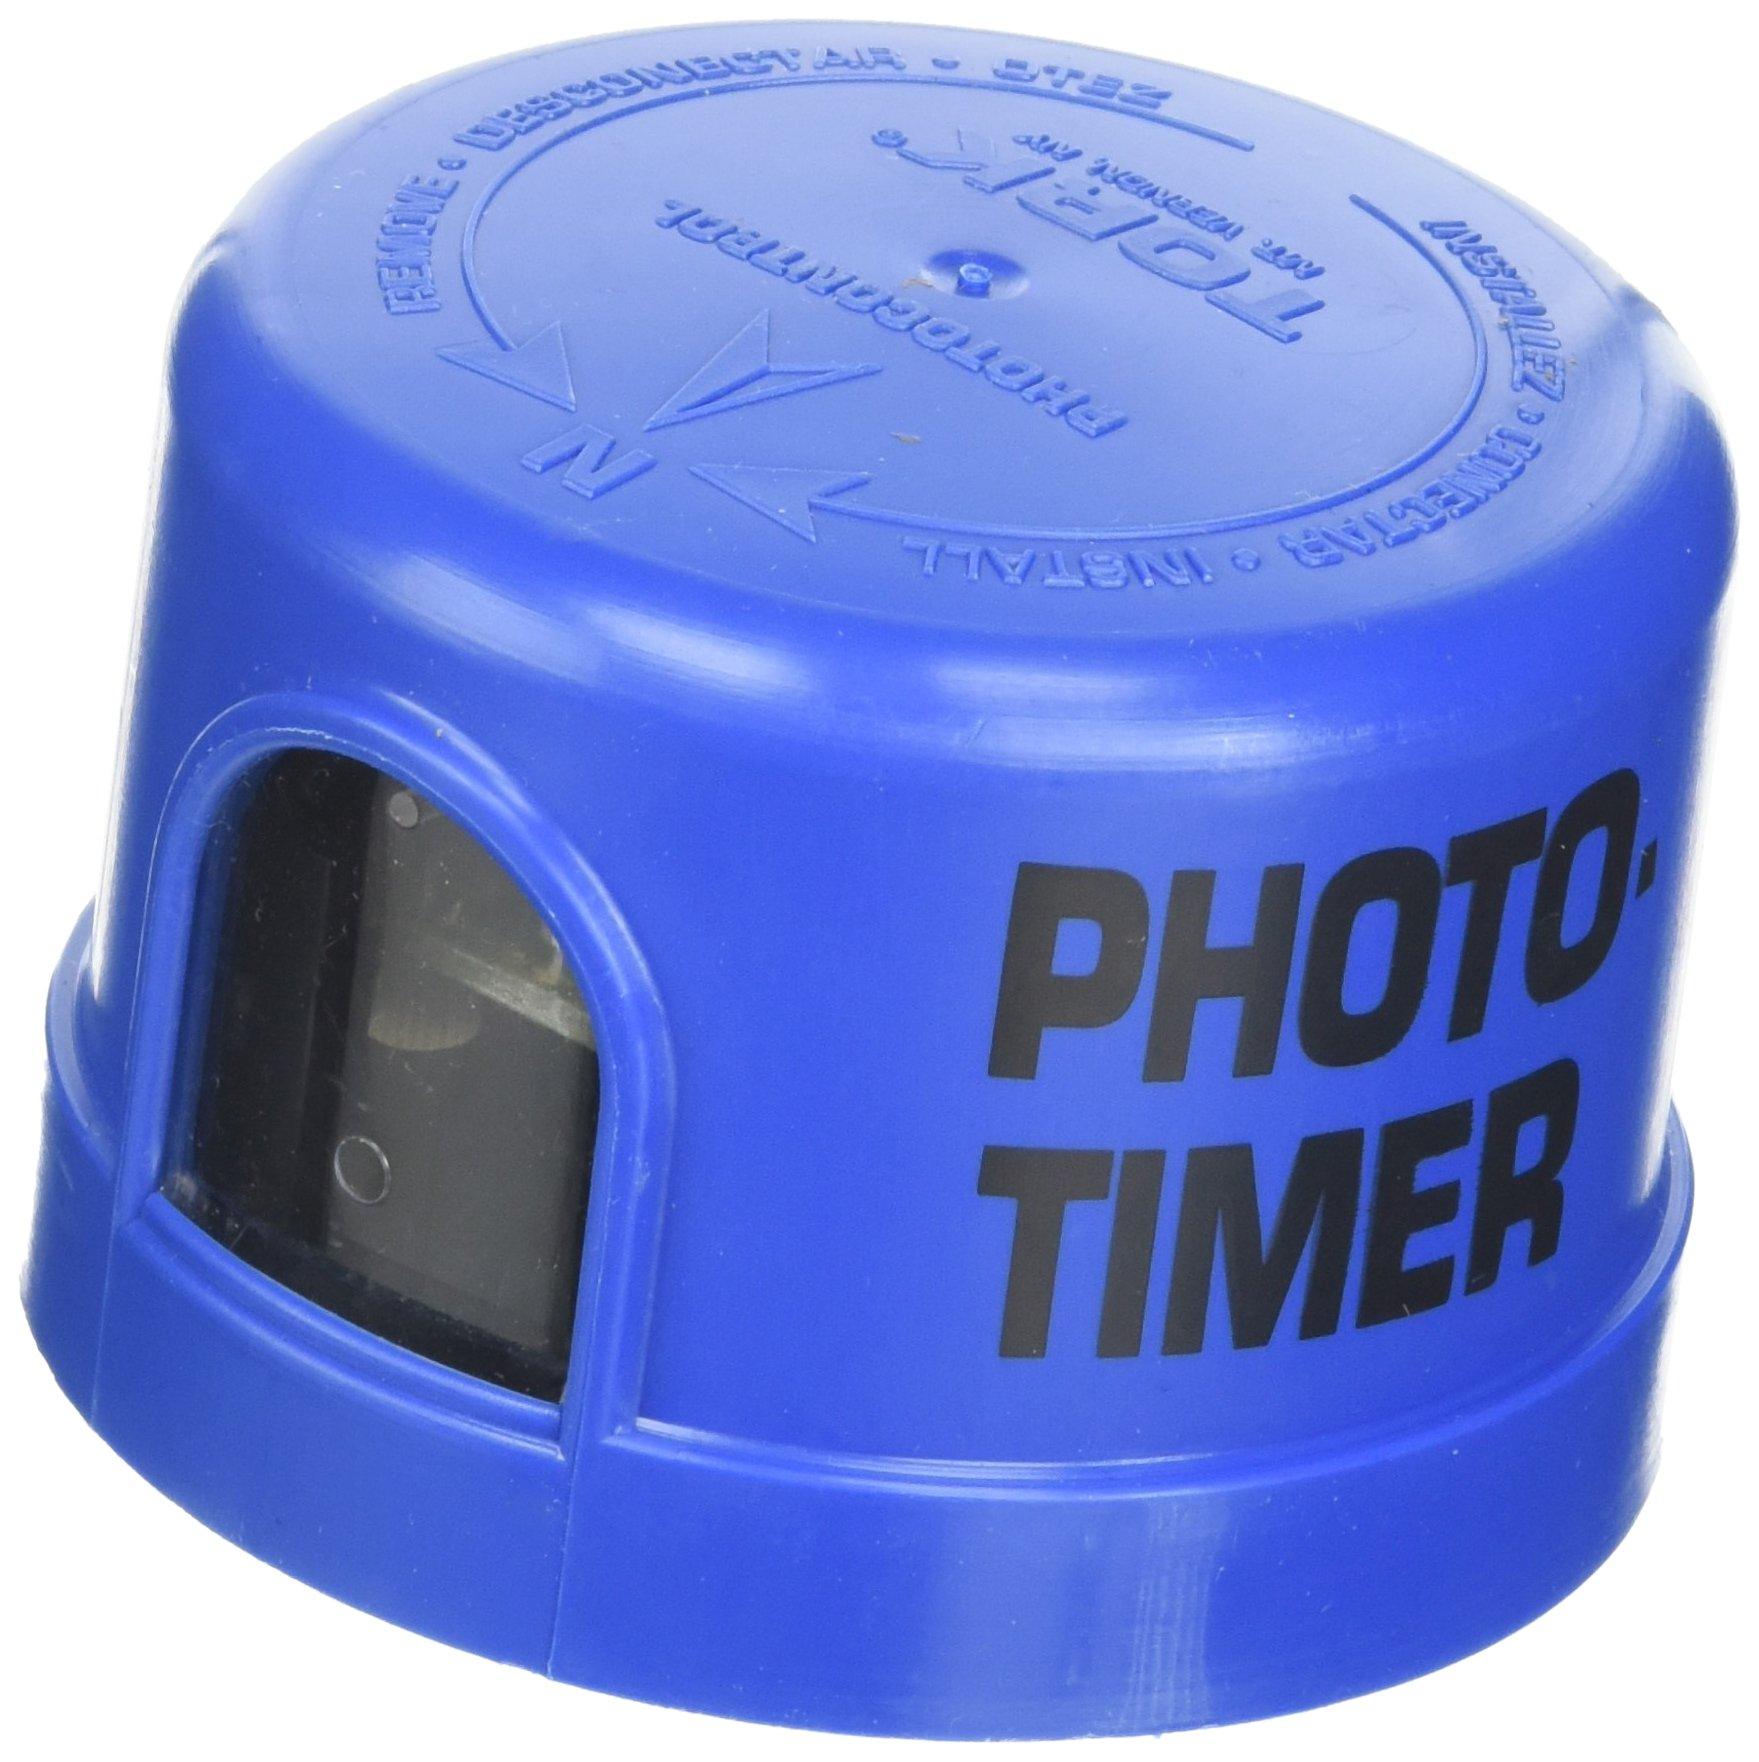 5737 Series Photo-Timer, 1800VA Ballast, SPST Switch, 1000W Power, 105-305VAC Voltage